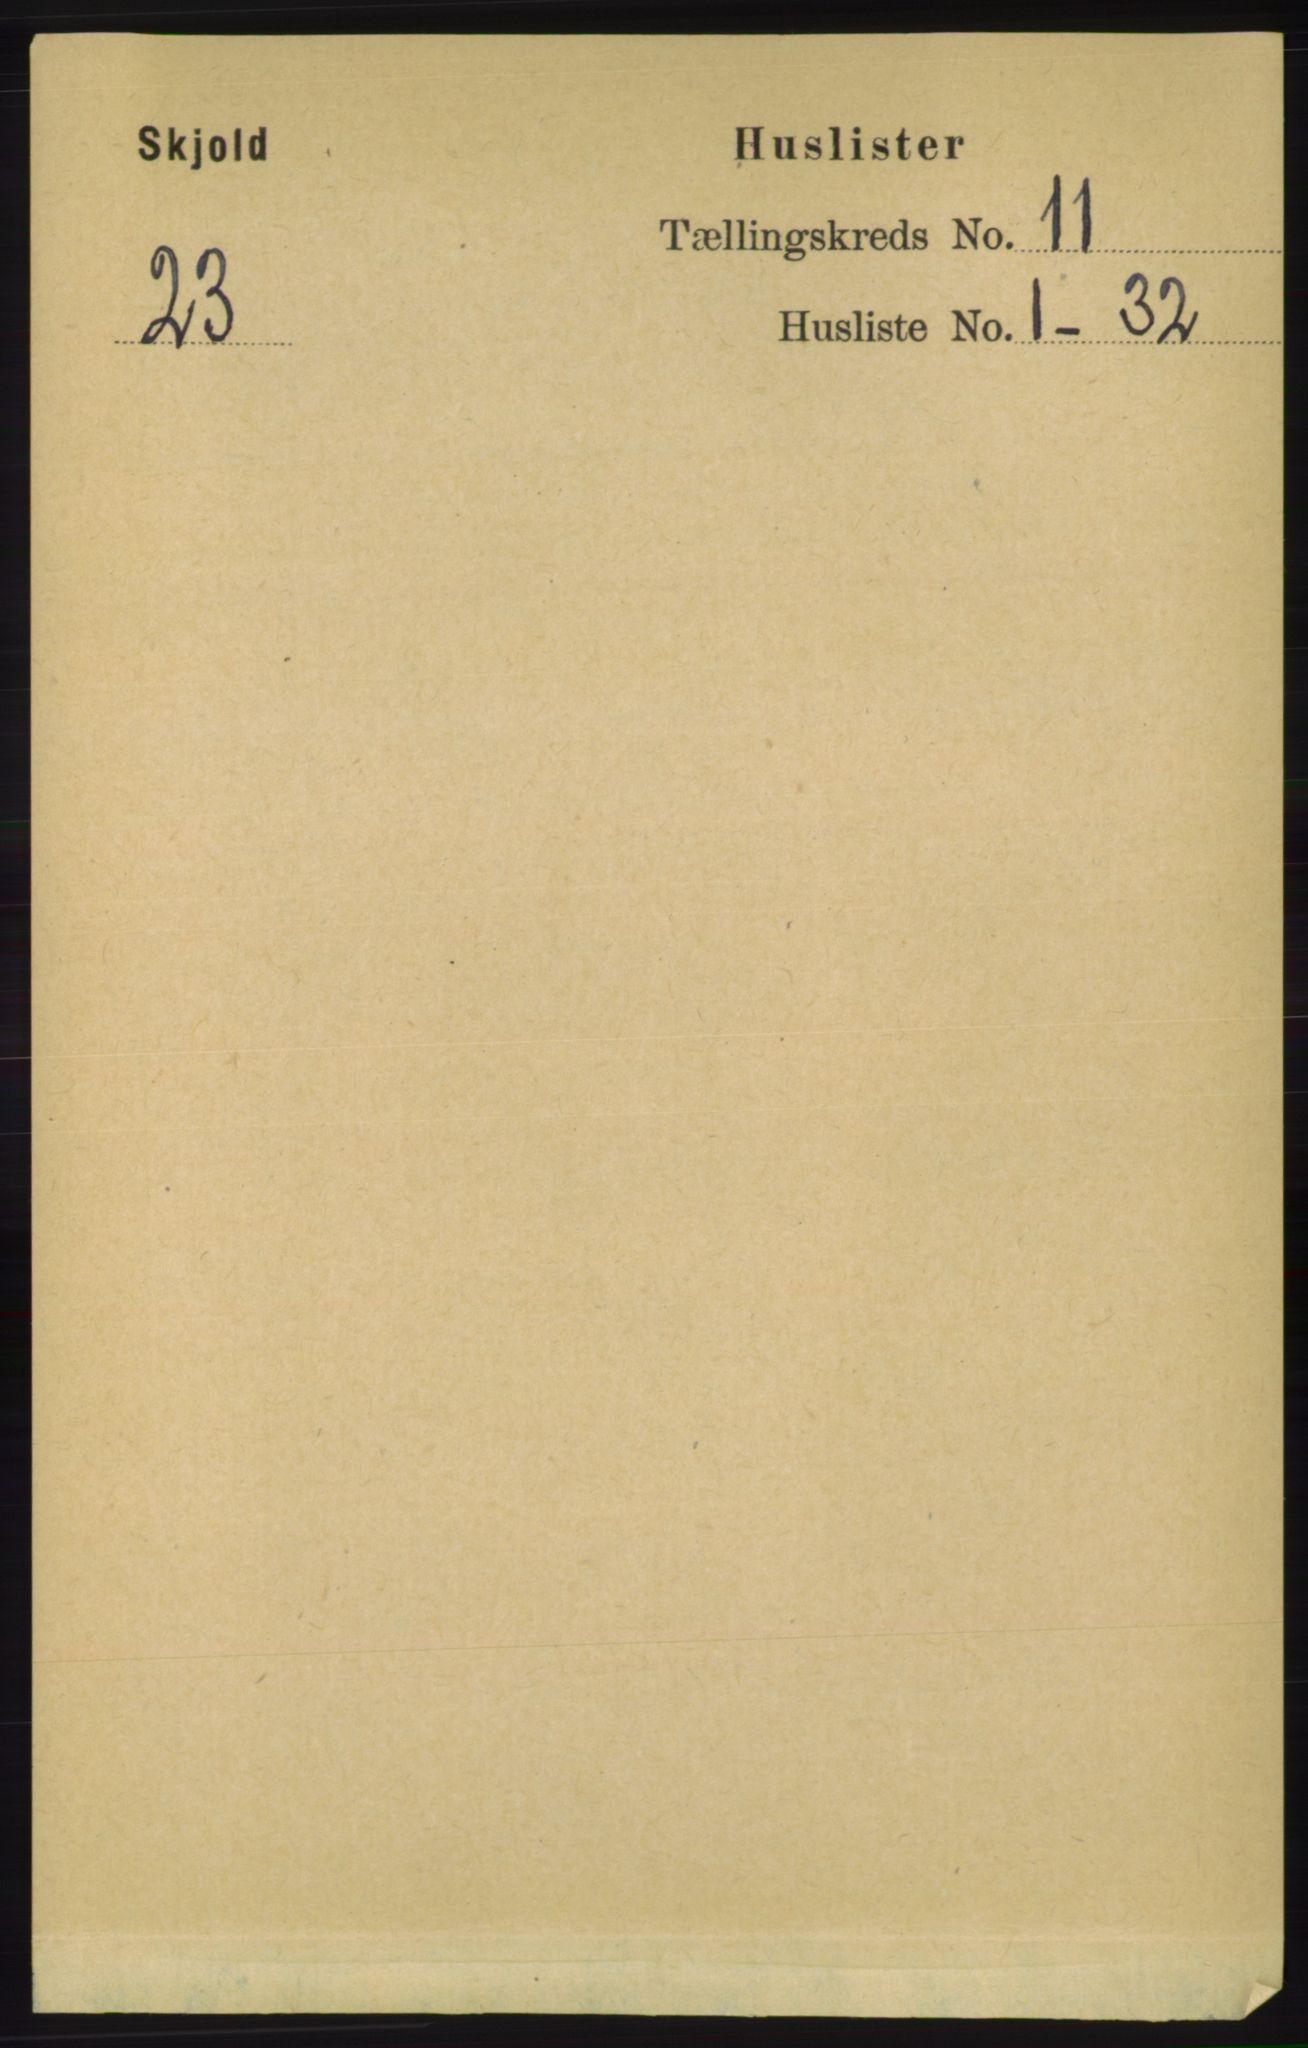 RA, Folketelling 1891 for 1154 Skjold herred, 1891, s. 2035